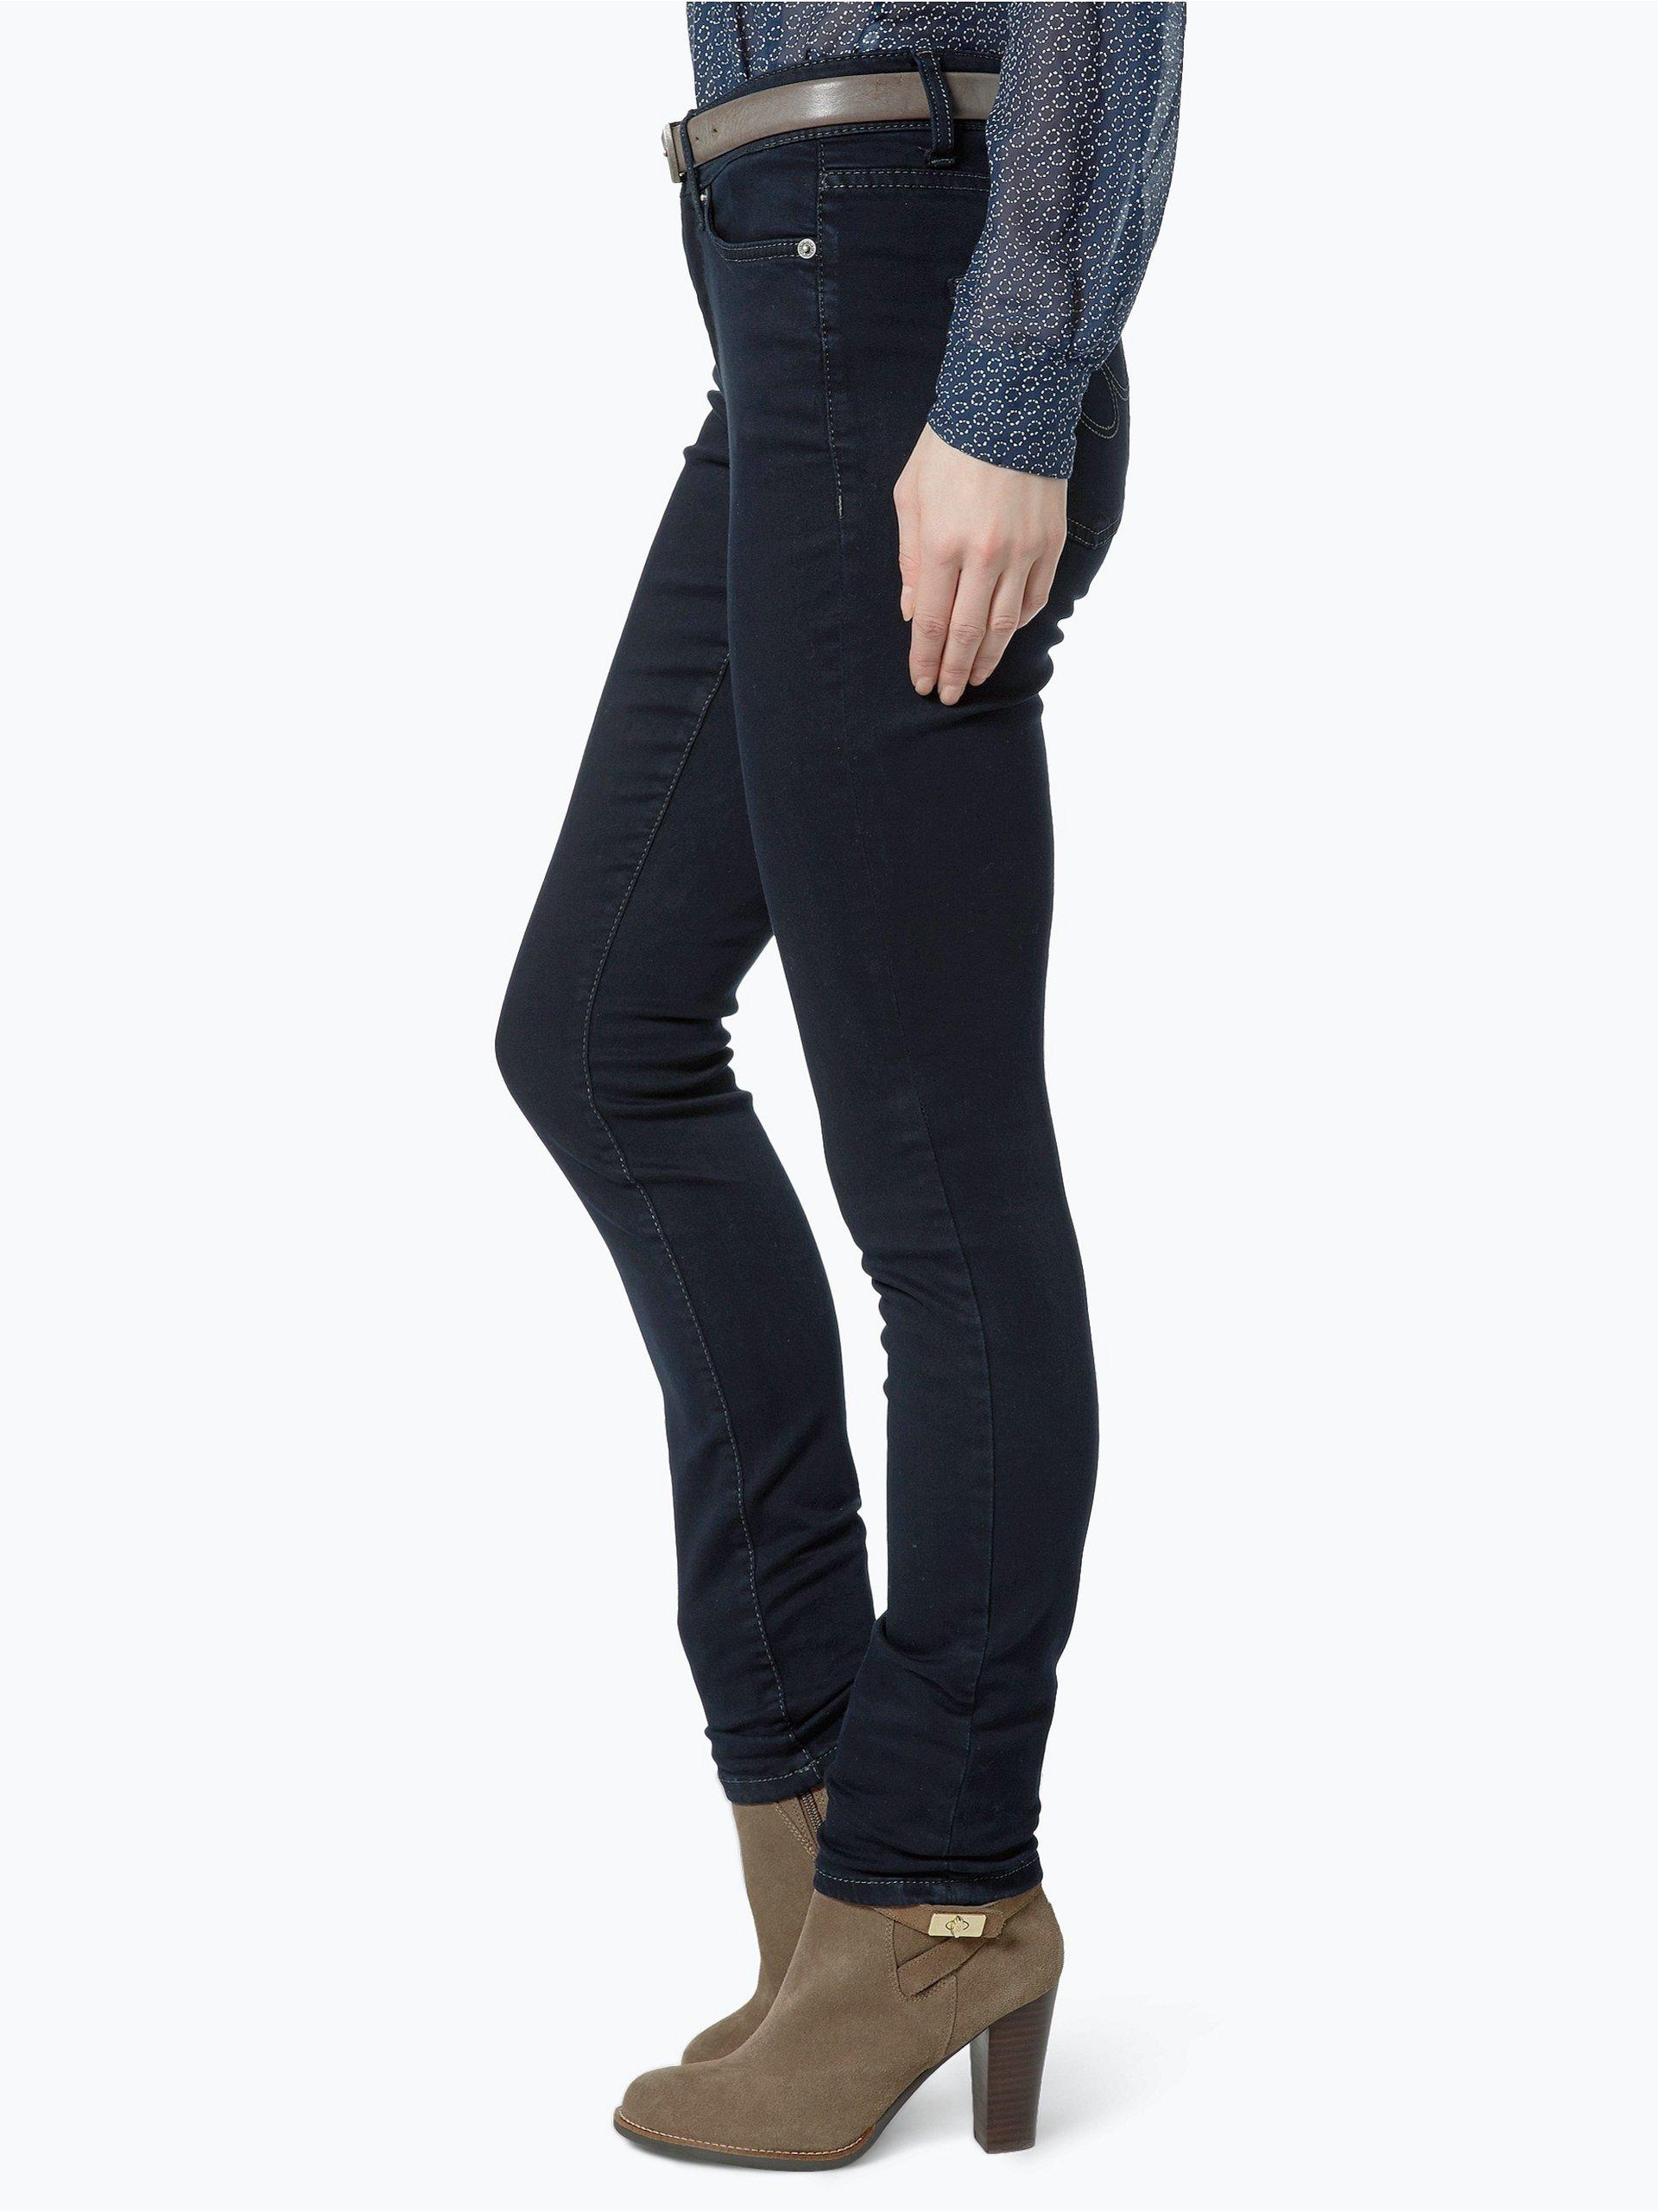 cambio damen jeans parla dark stone uni online kaufen peek und cloppenburg de. Black Bedroom Furniture Sets. Home Design Ideas